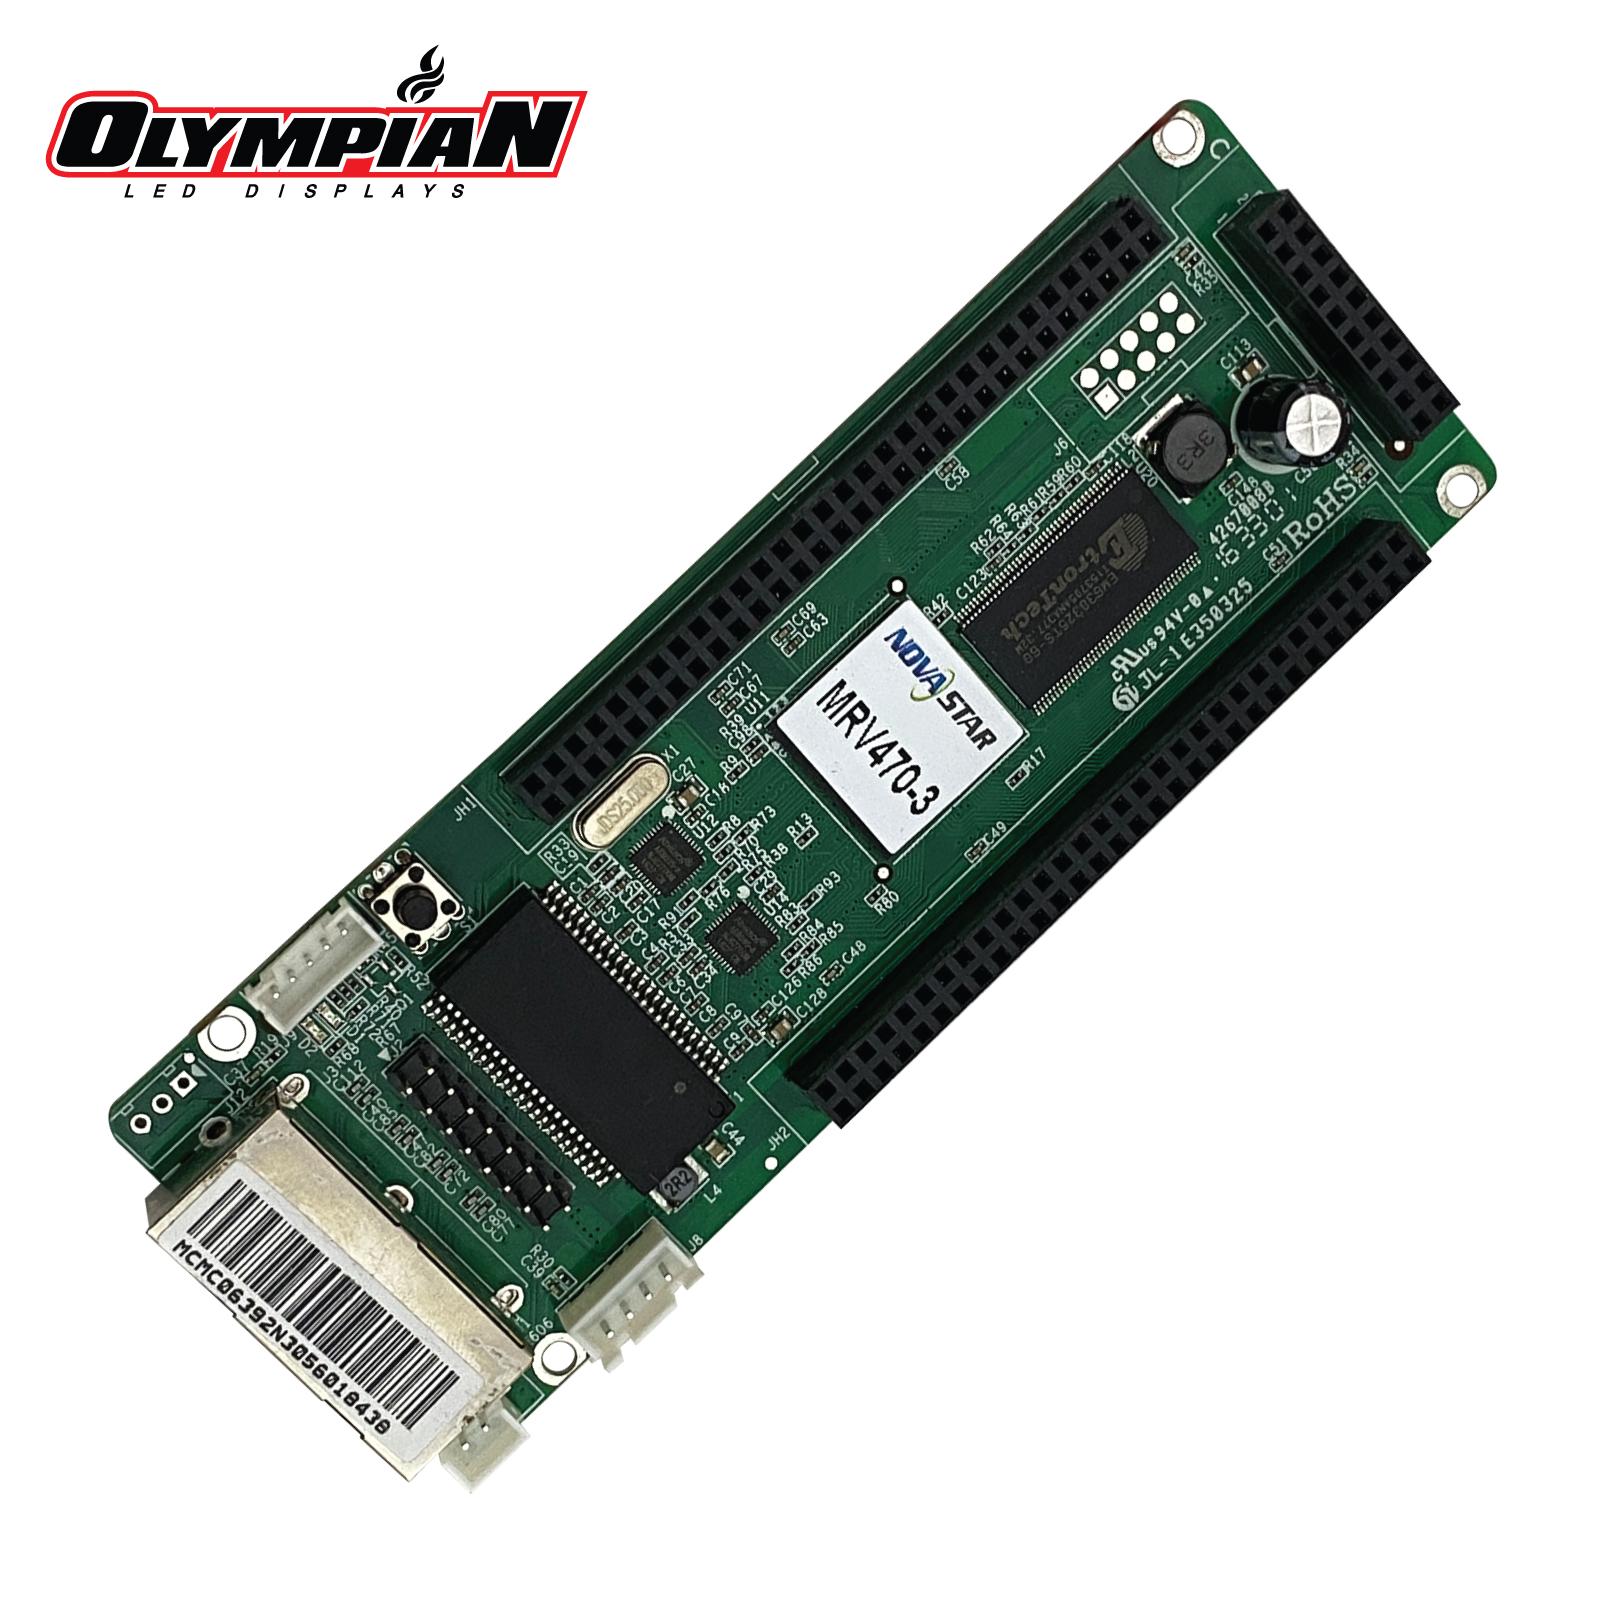 NovaStar MRV470-3 LED Receiving Card